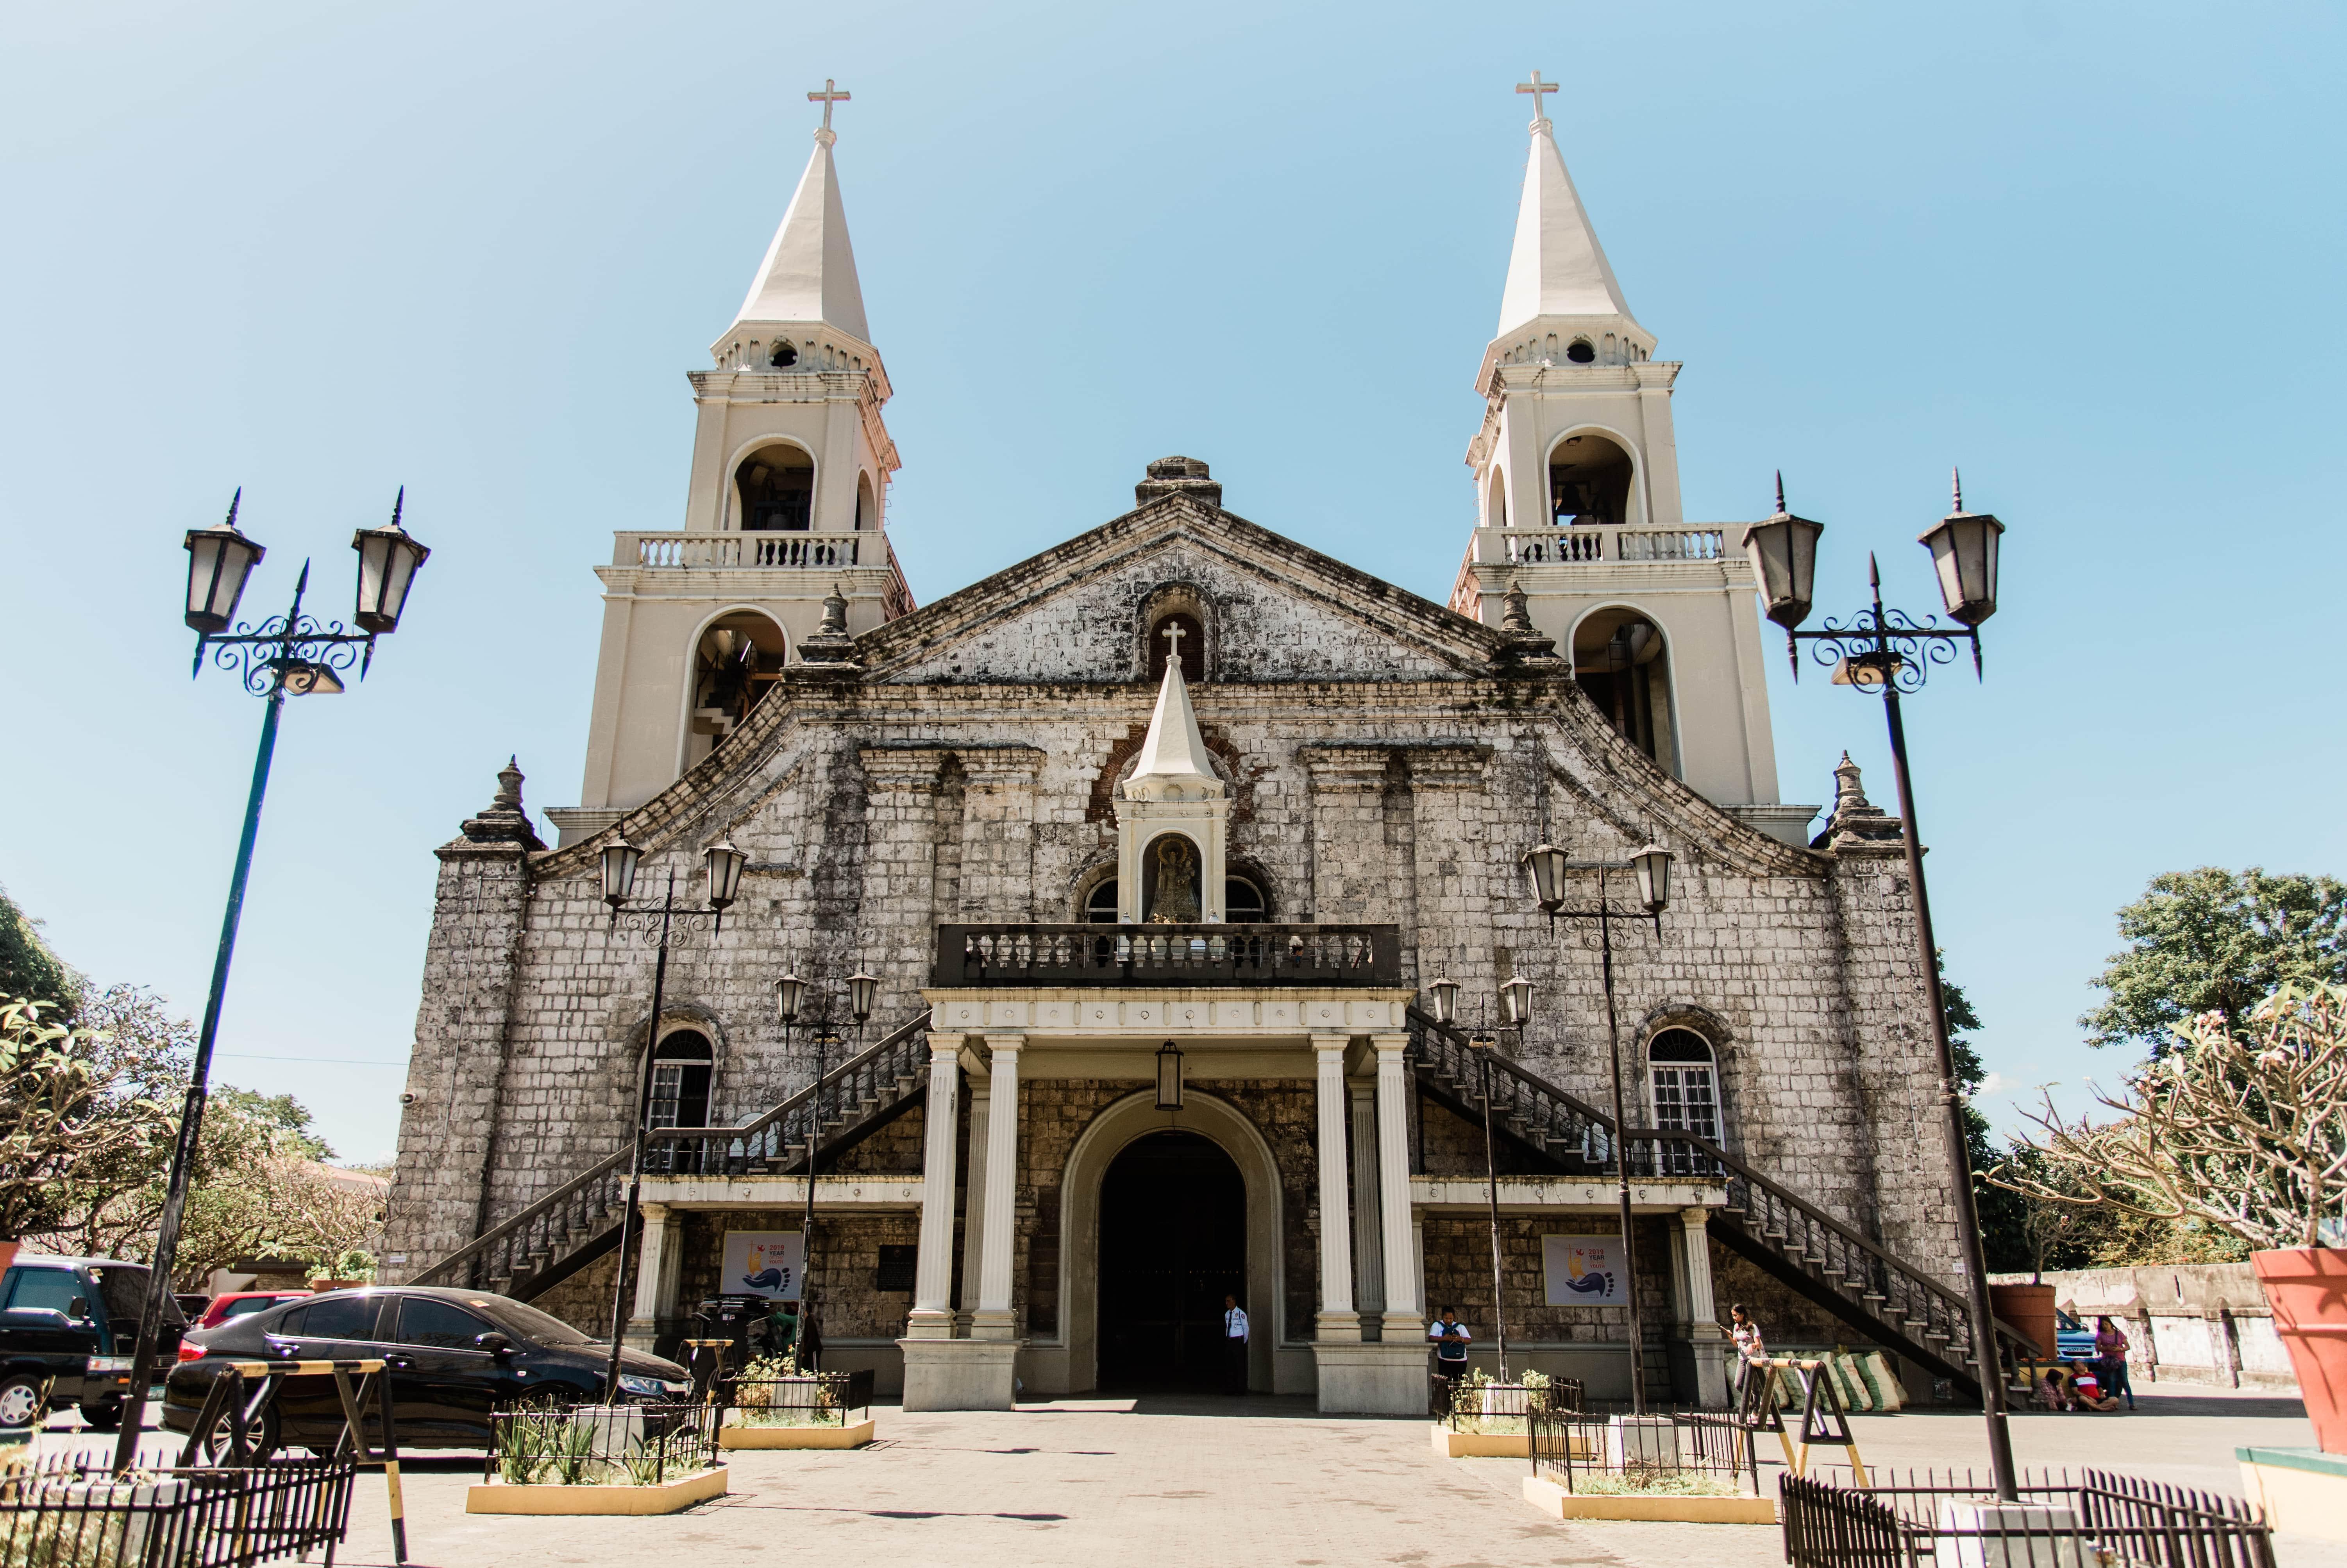 Iloilo Itinerary, things to do in iloilo, iloilo tourist spots, what to do in iloilo, where to stay in iloilo, what to eat in iloilo, iloilo itinerary, iloilo travel guide, Jaro Cathedral